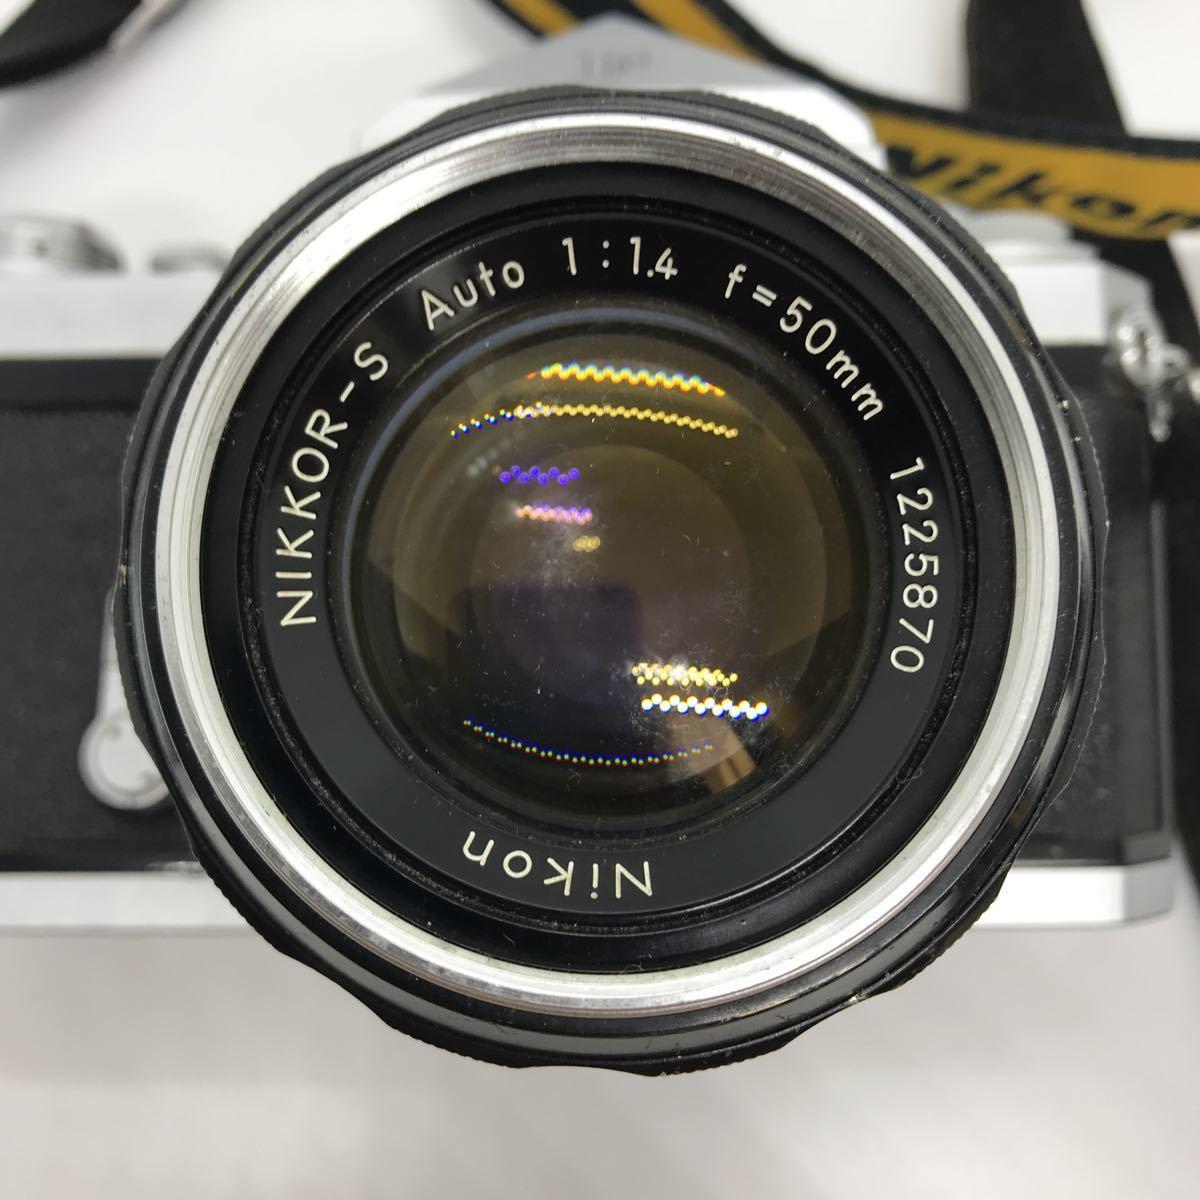 NIKON ニコン F 初期 アイレベル NIKKOR-S 1:1.4 50mm 一眼レフカメラ_画像6